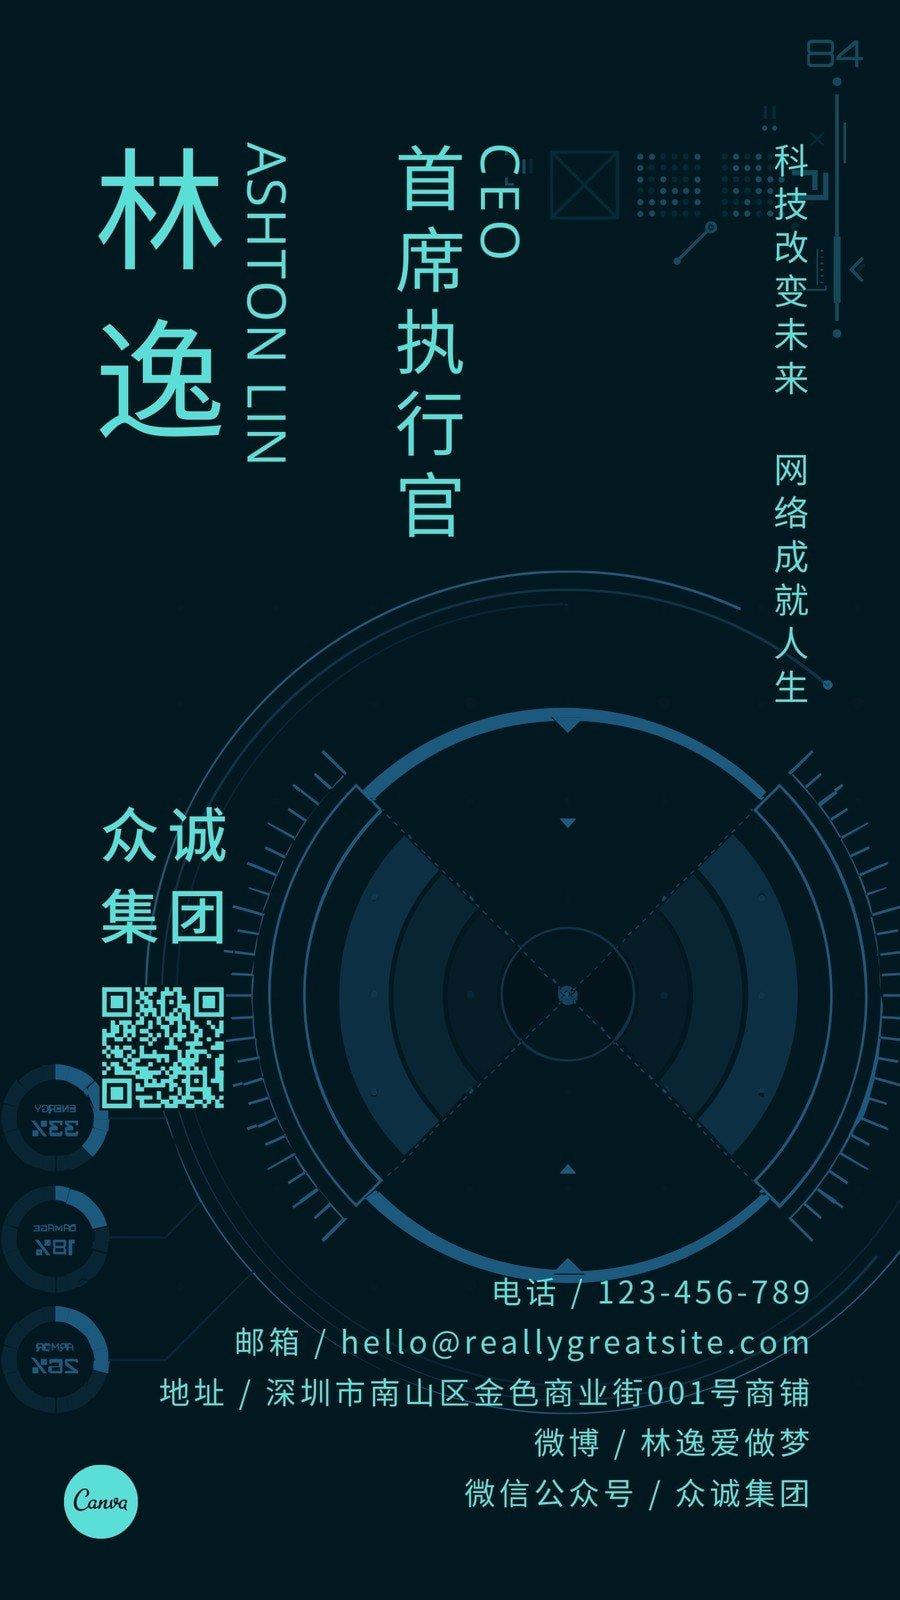 蓝绿色科技元素矢量科技分享中文电子名片